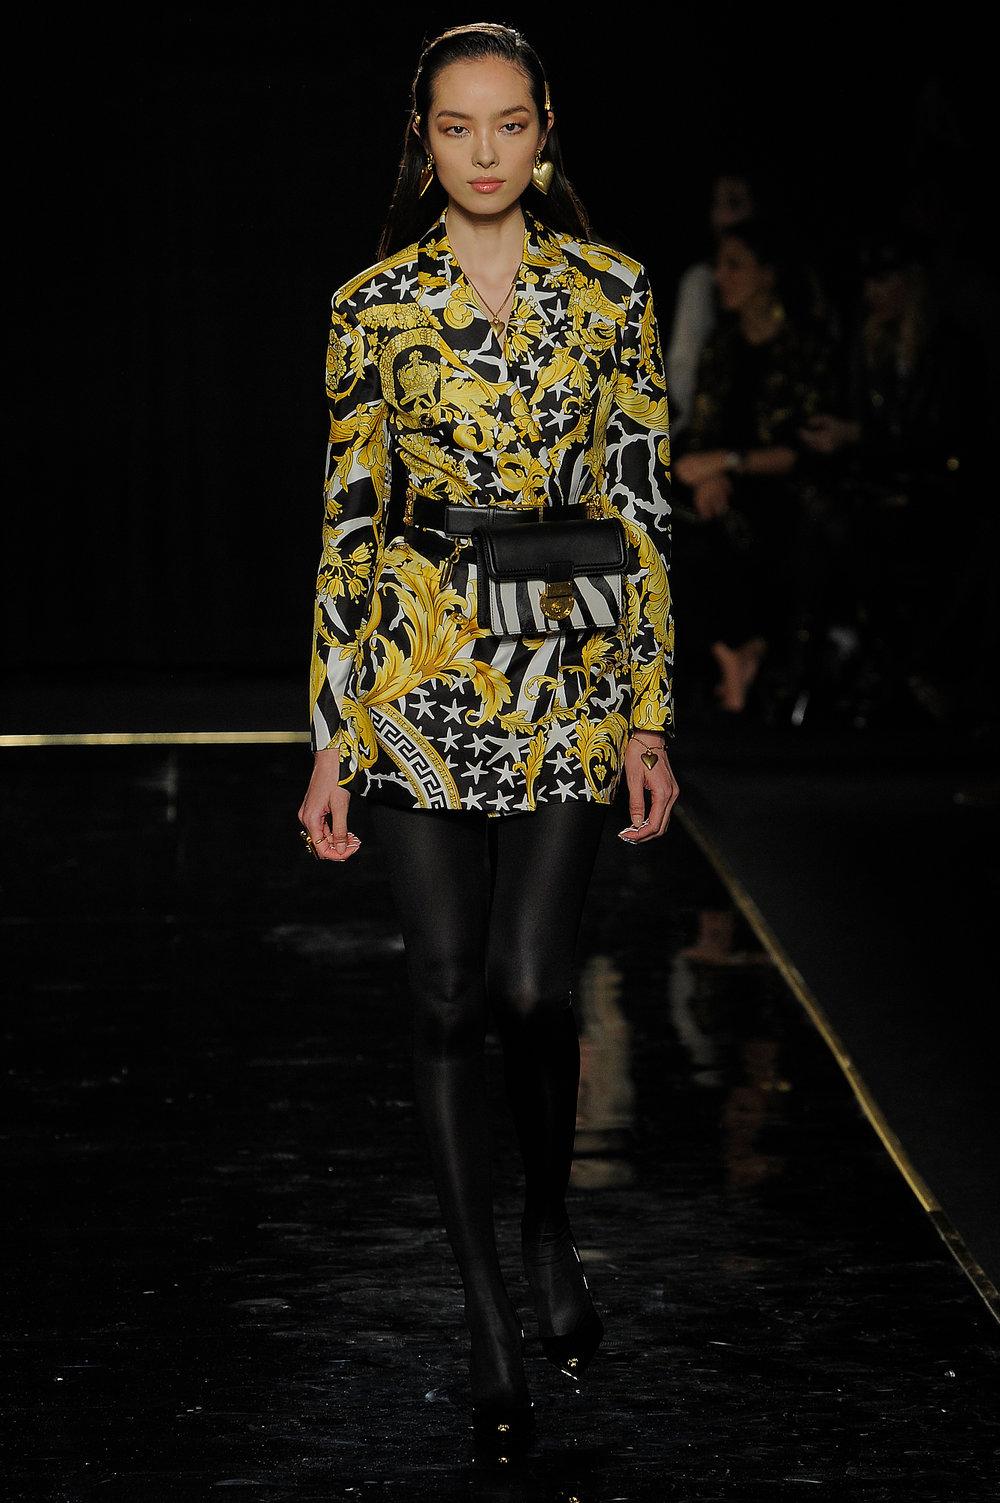 Versace_7_33_versace_runway_runway_00007.jpg